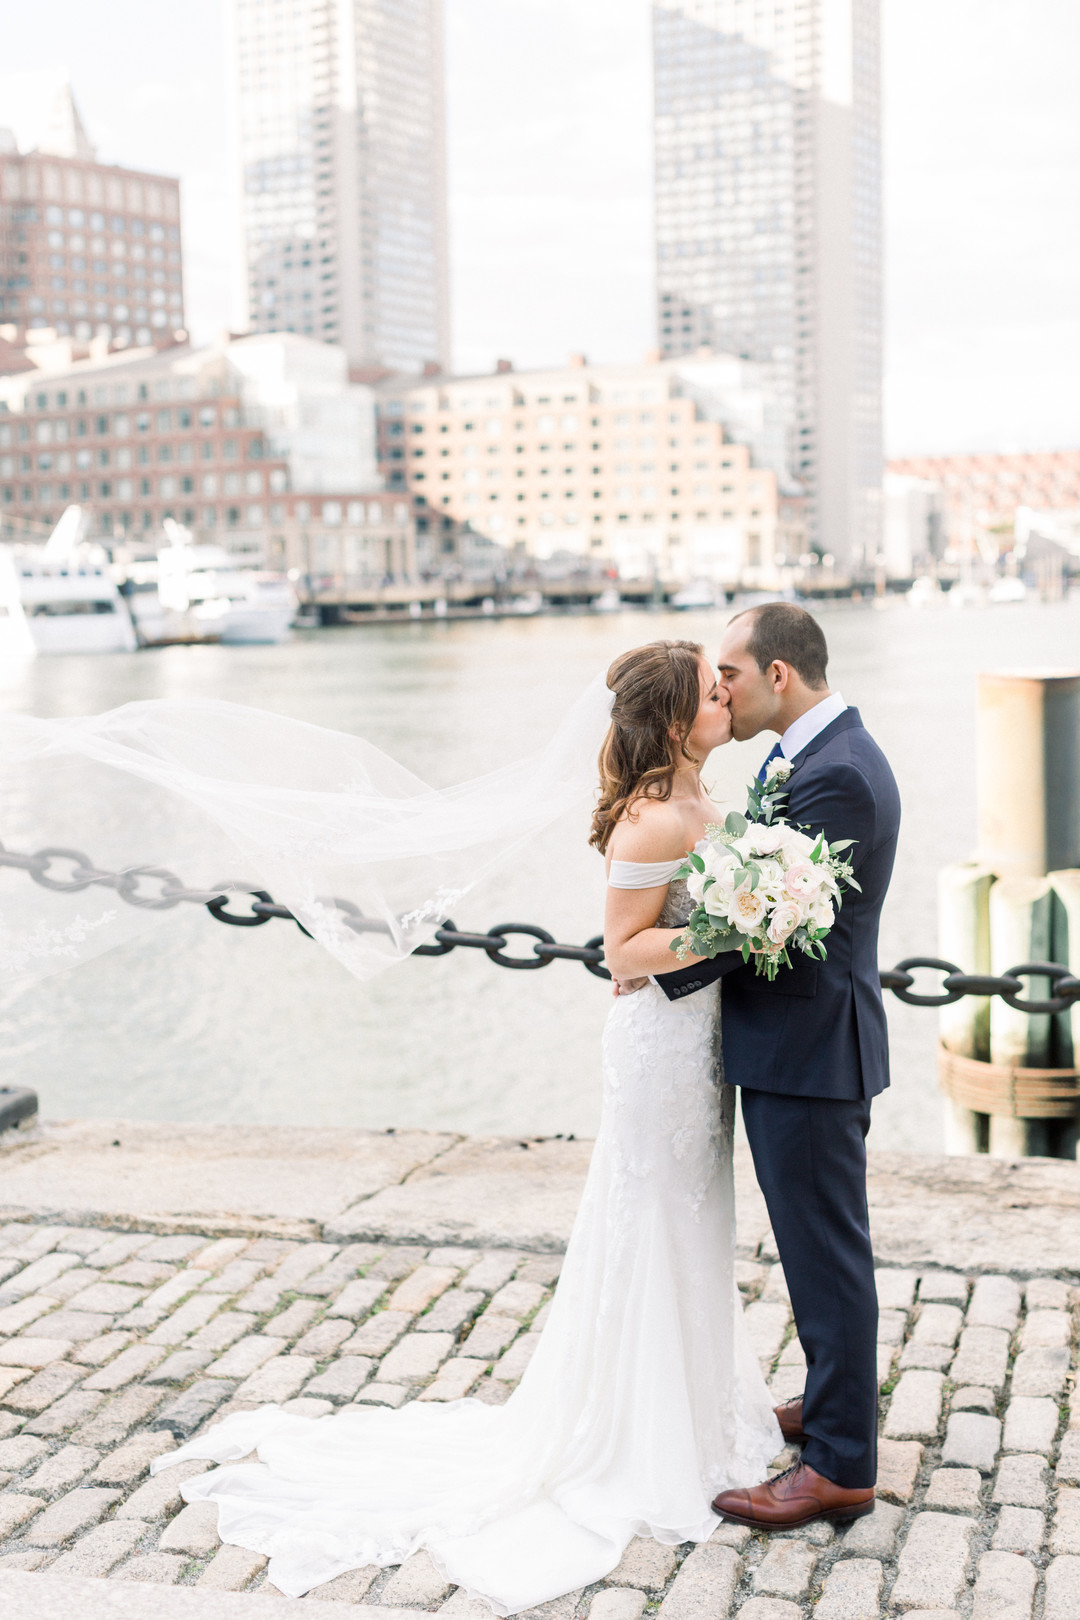 waterfront-wedding-flowers-by-lesfleurs (26).jpg